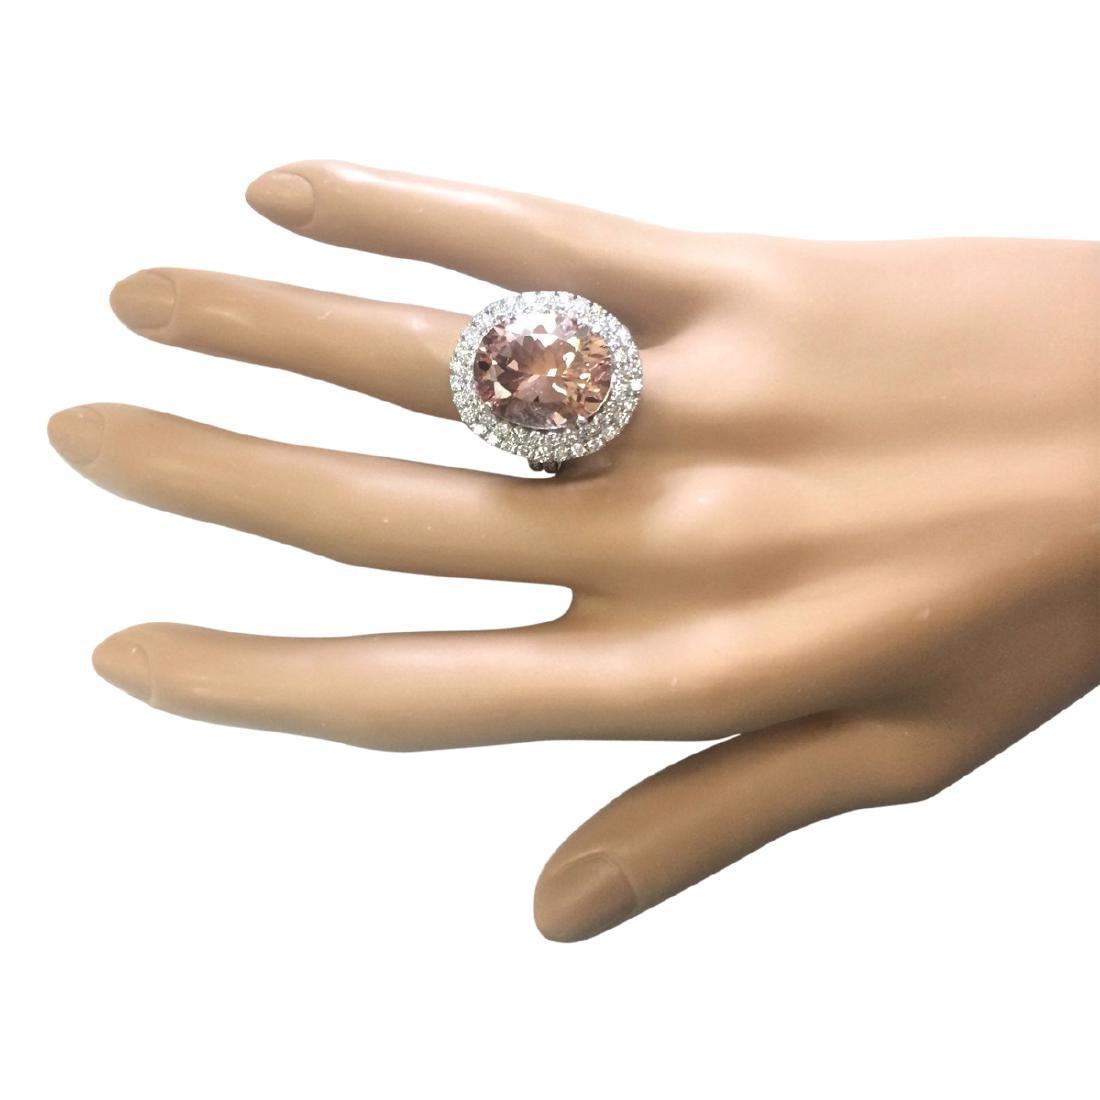 11.53 CTW Natural Morganite And Diamond Ring In 18K - 4